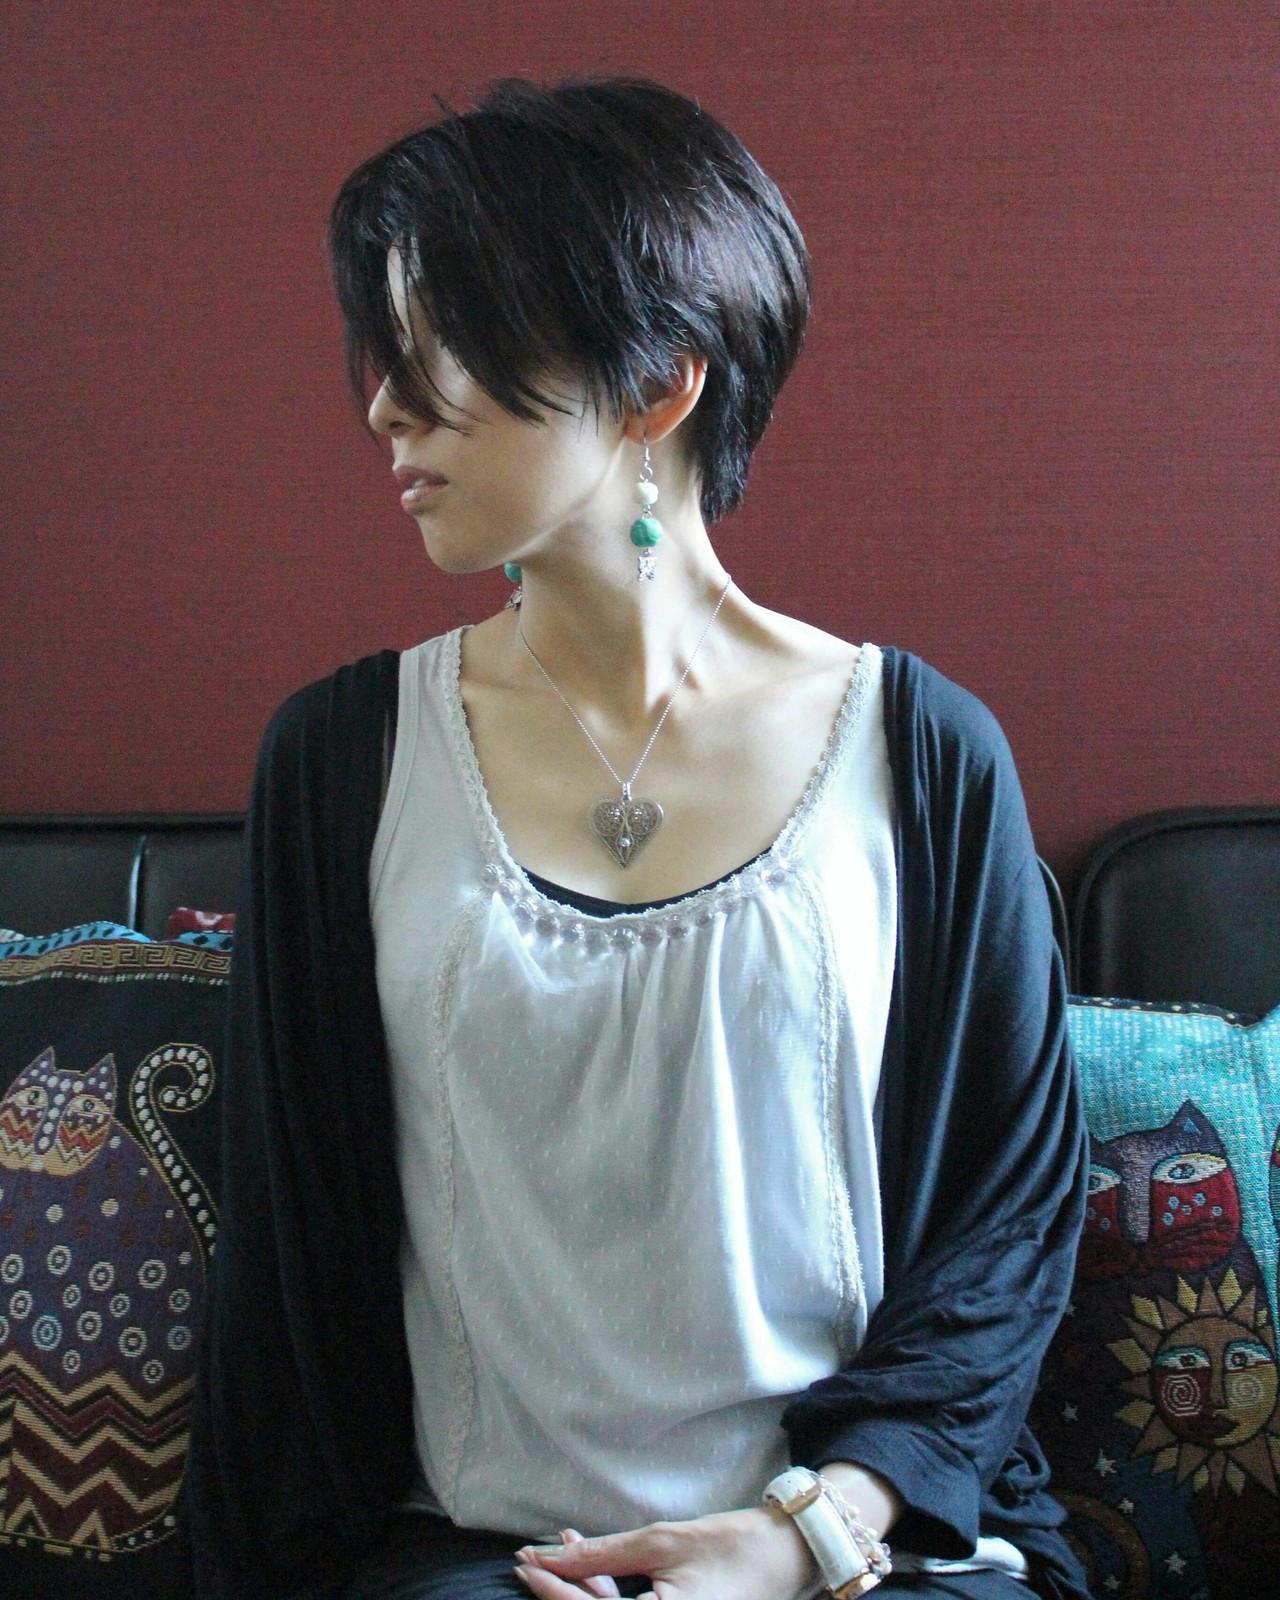 アンニュイほつれヘア ショート ベリーショート フェミニン ヘアスタイルや髪型の写真・画像